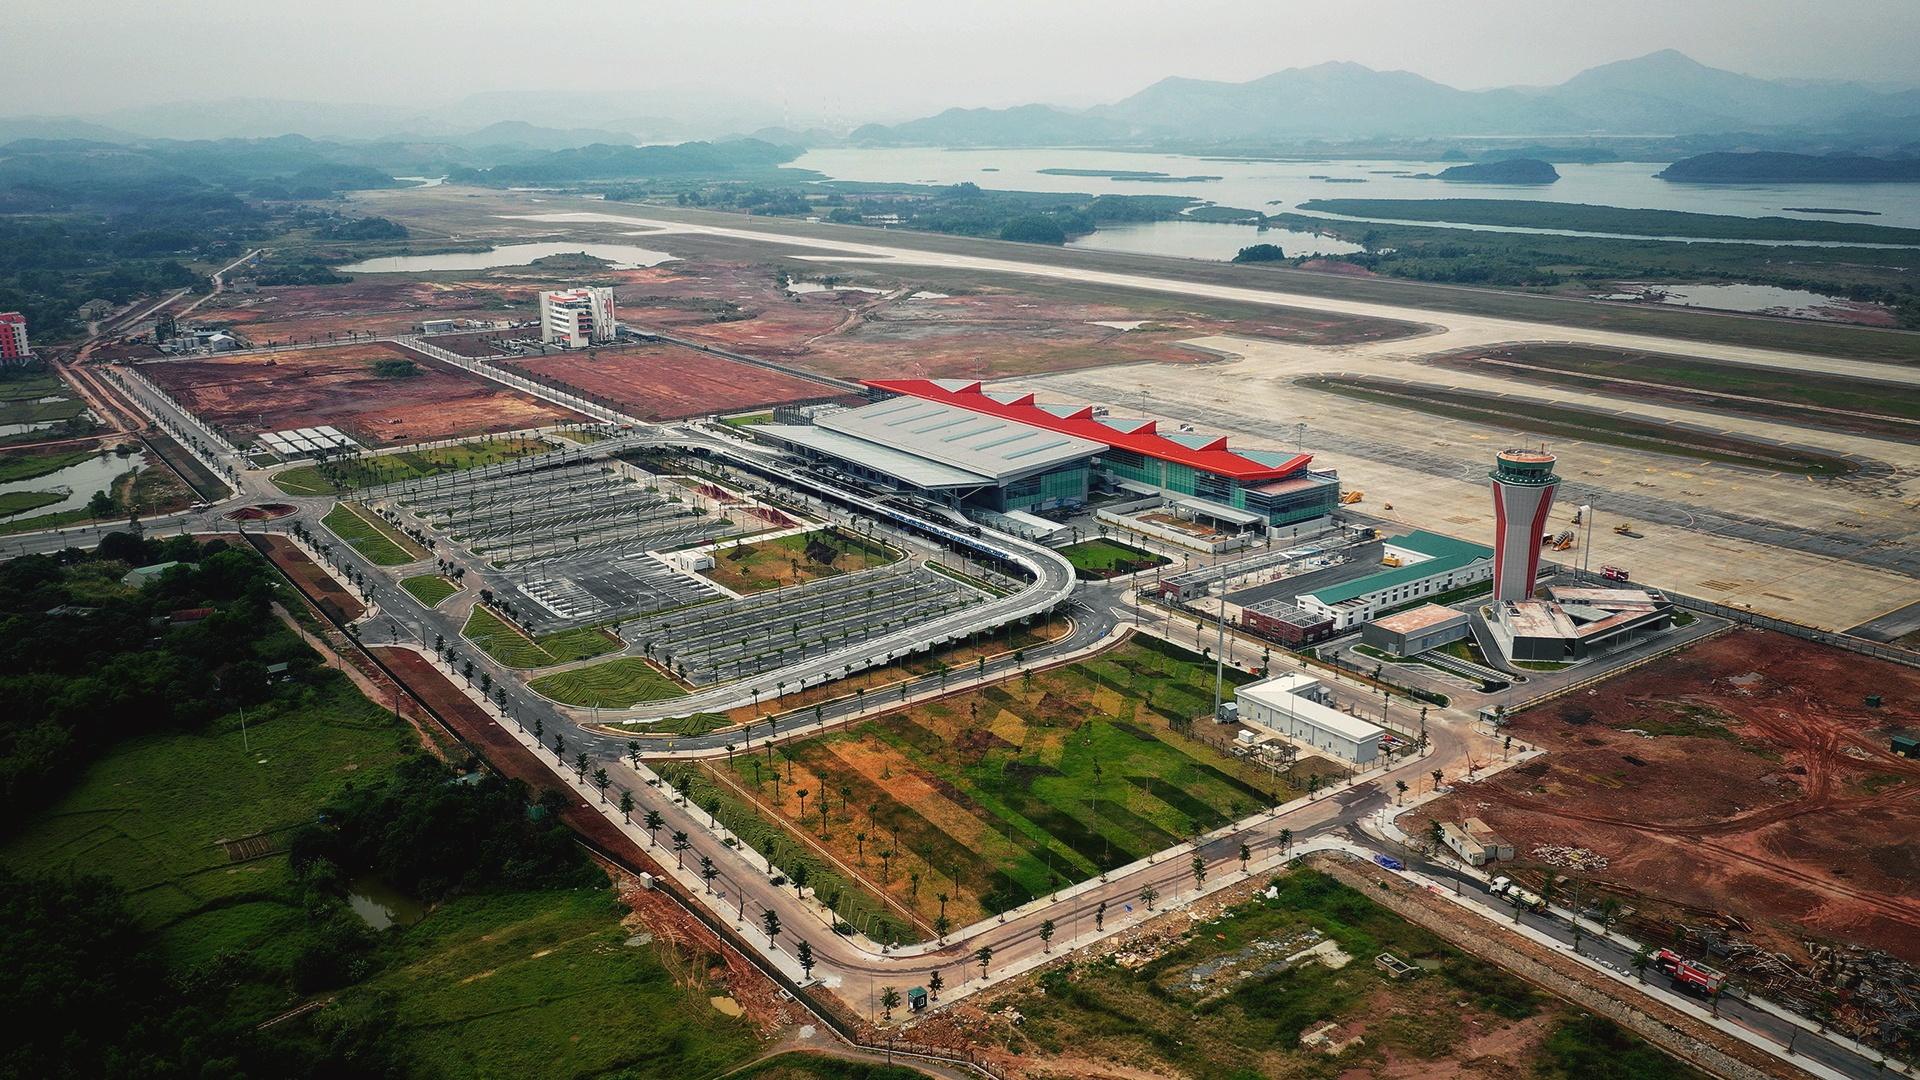 Toan canh san bay Van Don giua trung diep nui rung Quang Ninh hinh anh 3